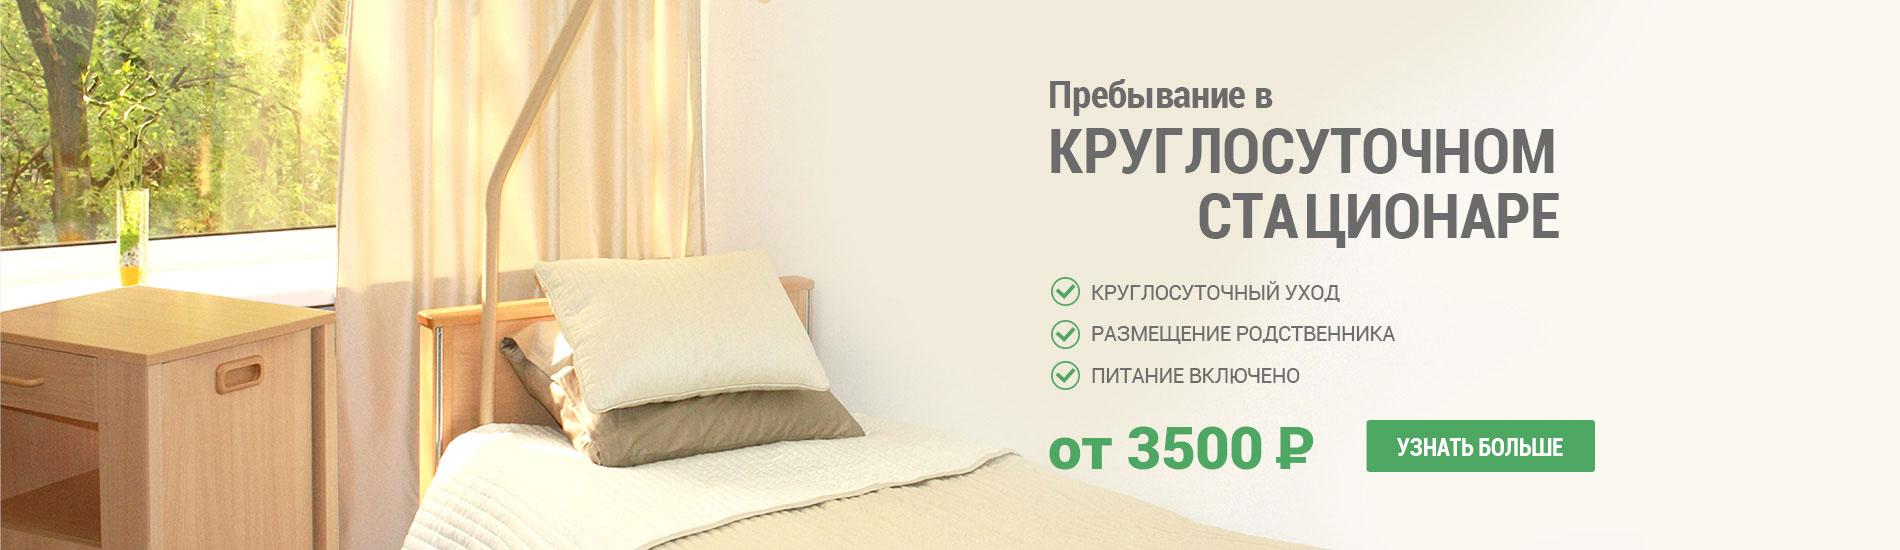 Больница 57 им плетнева официальный сайт